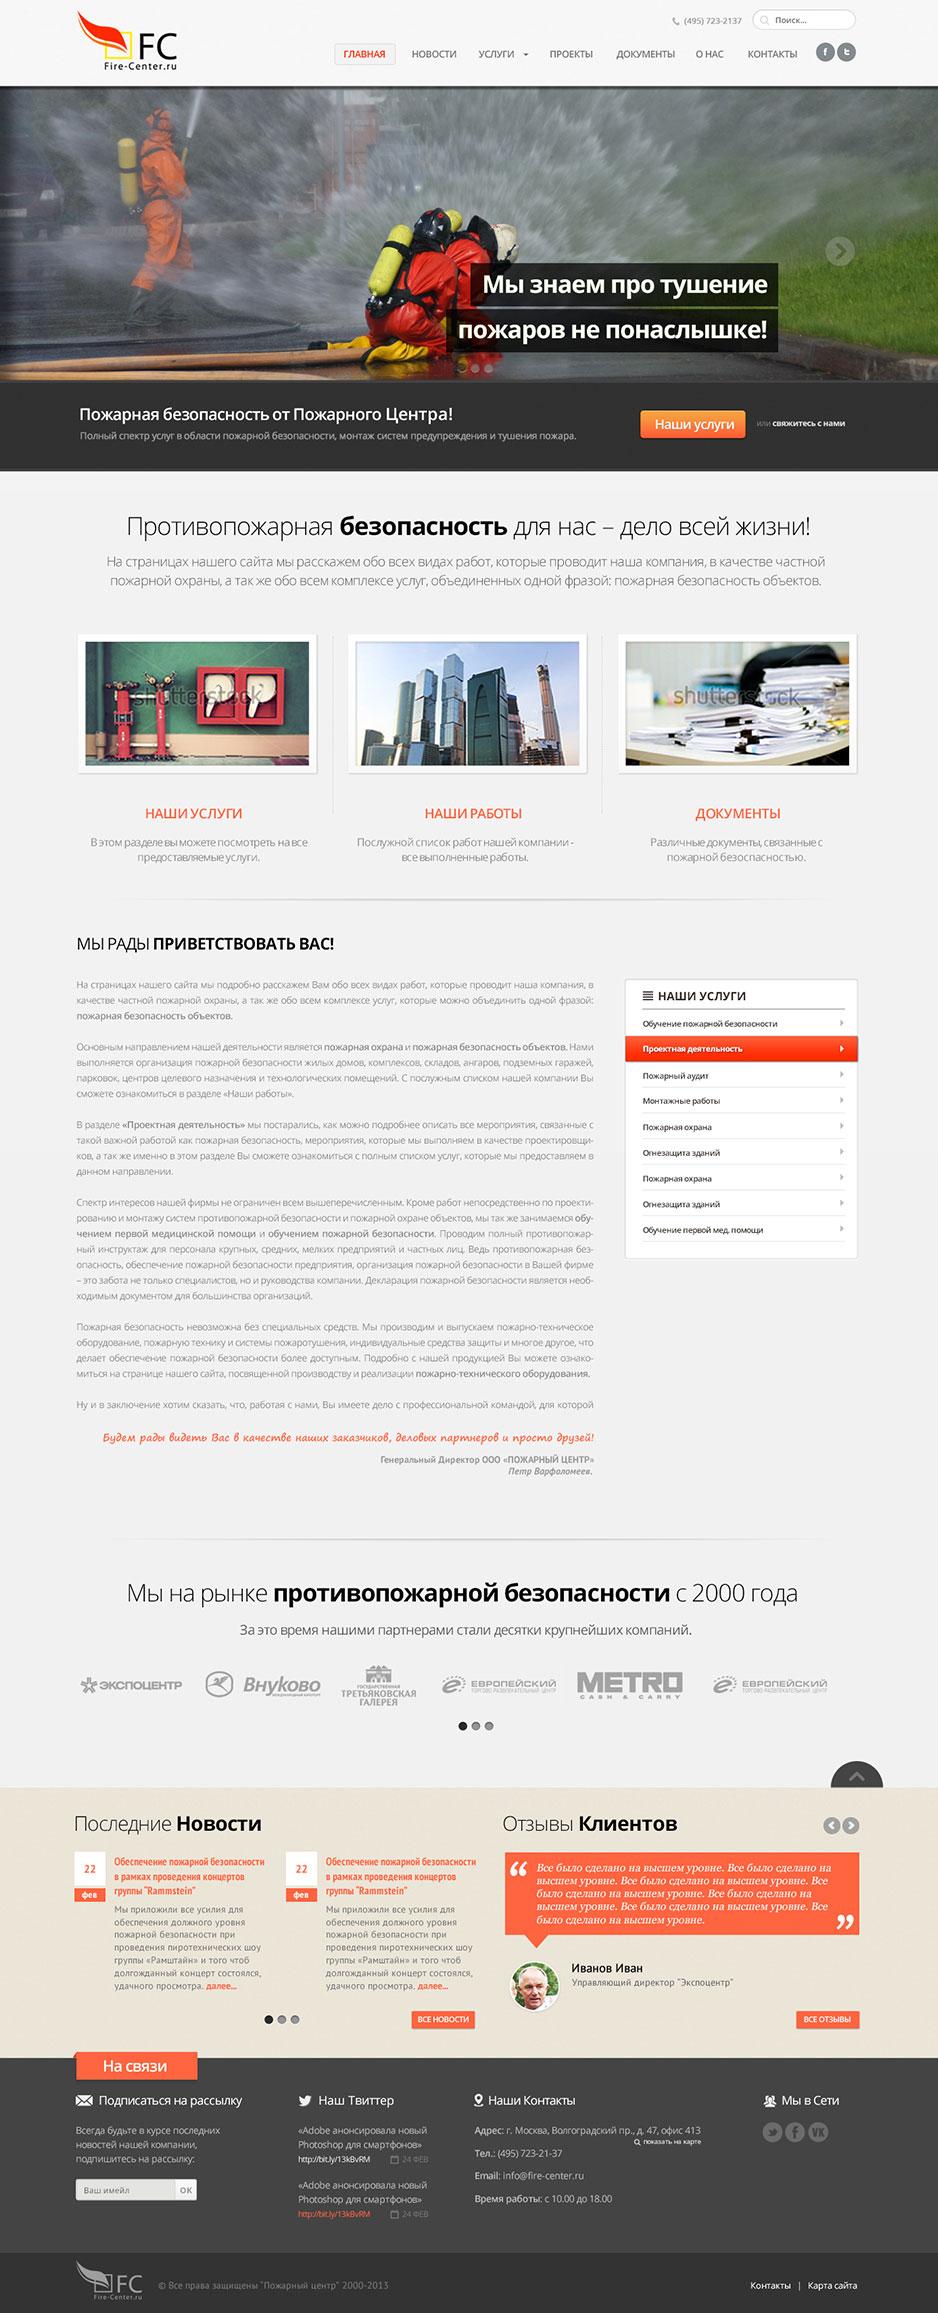 Создание сайта пожарно-охранного предприятия